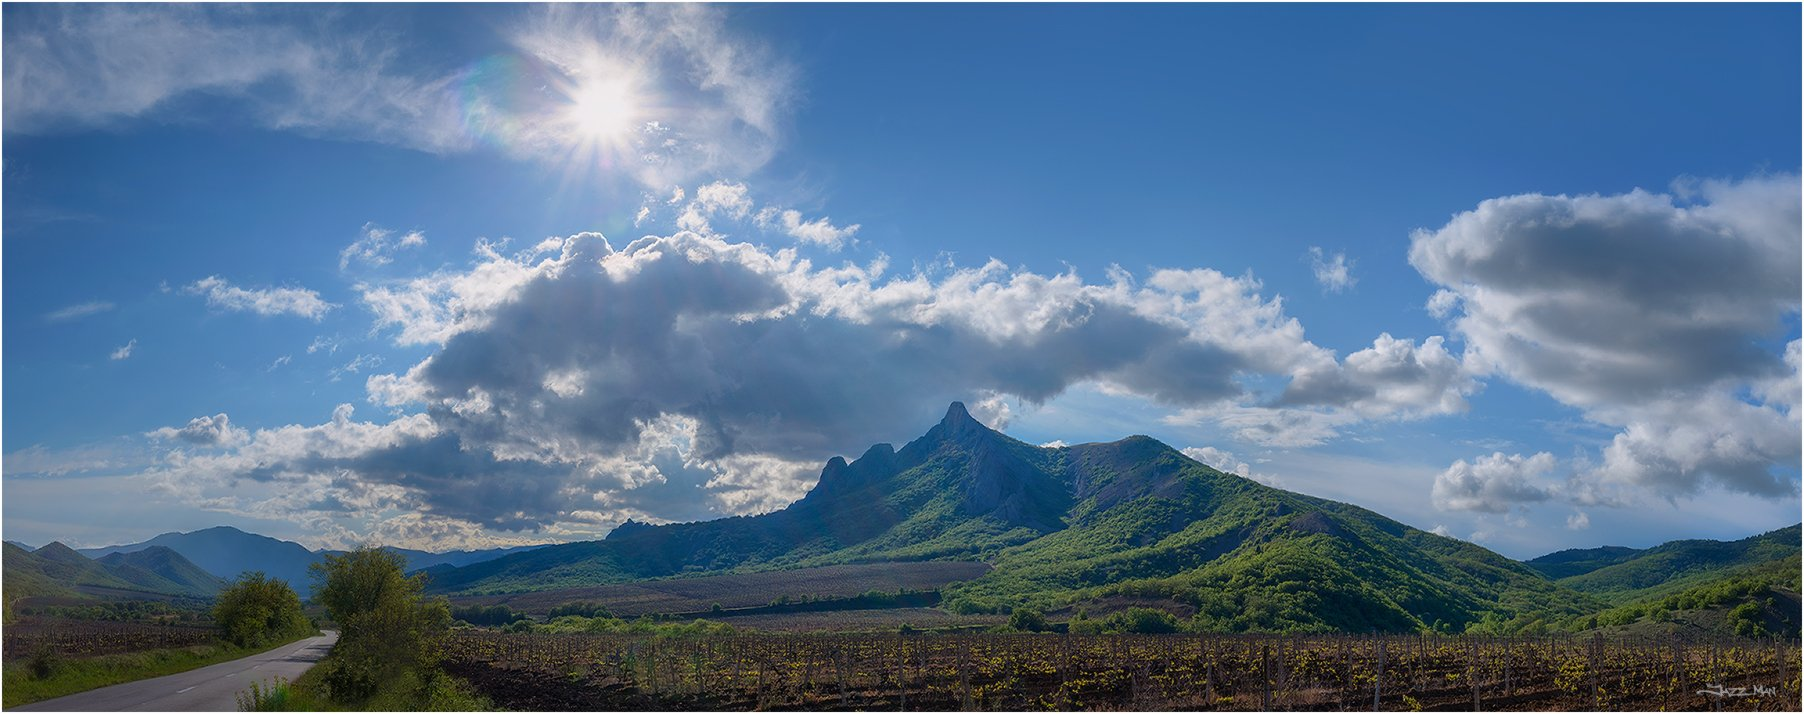 крым, крымские горы, лес, небо, облака, панорама, пейзаж, виноградники, солнце, Jazz Man